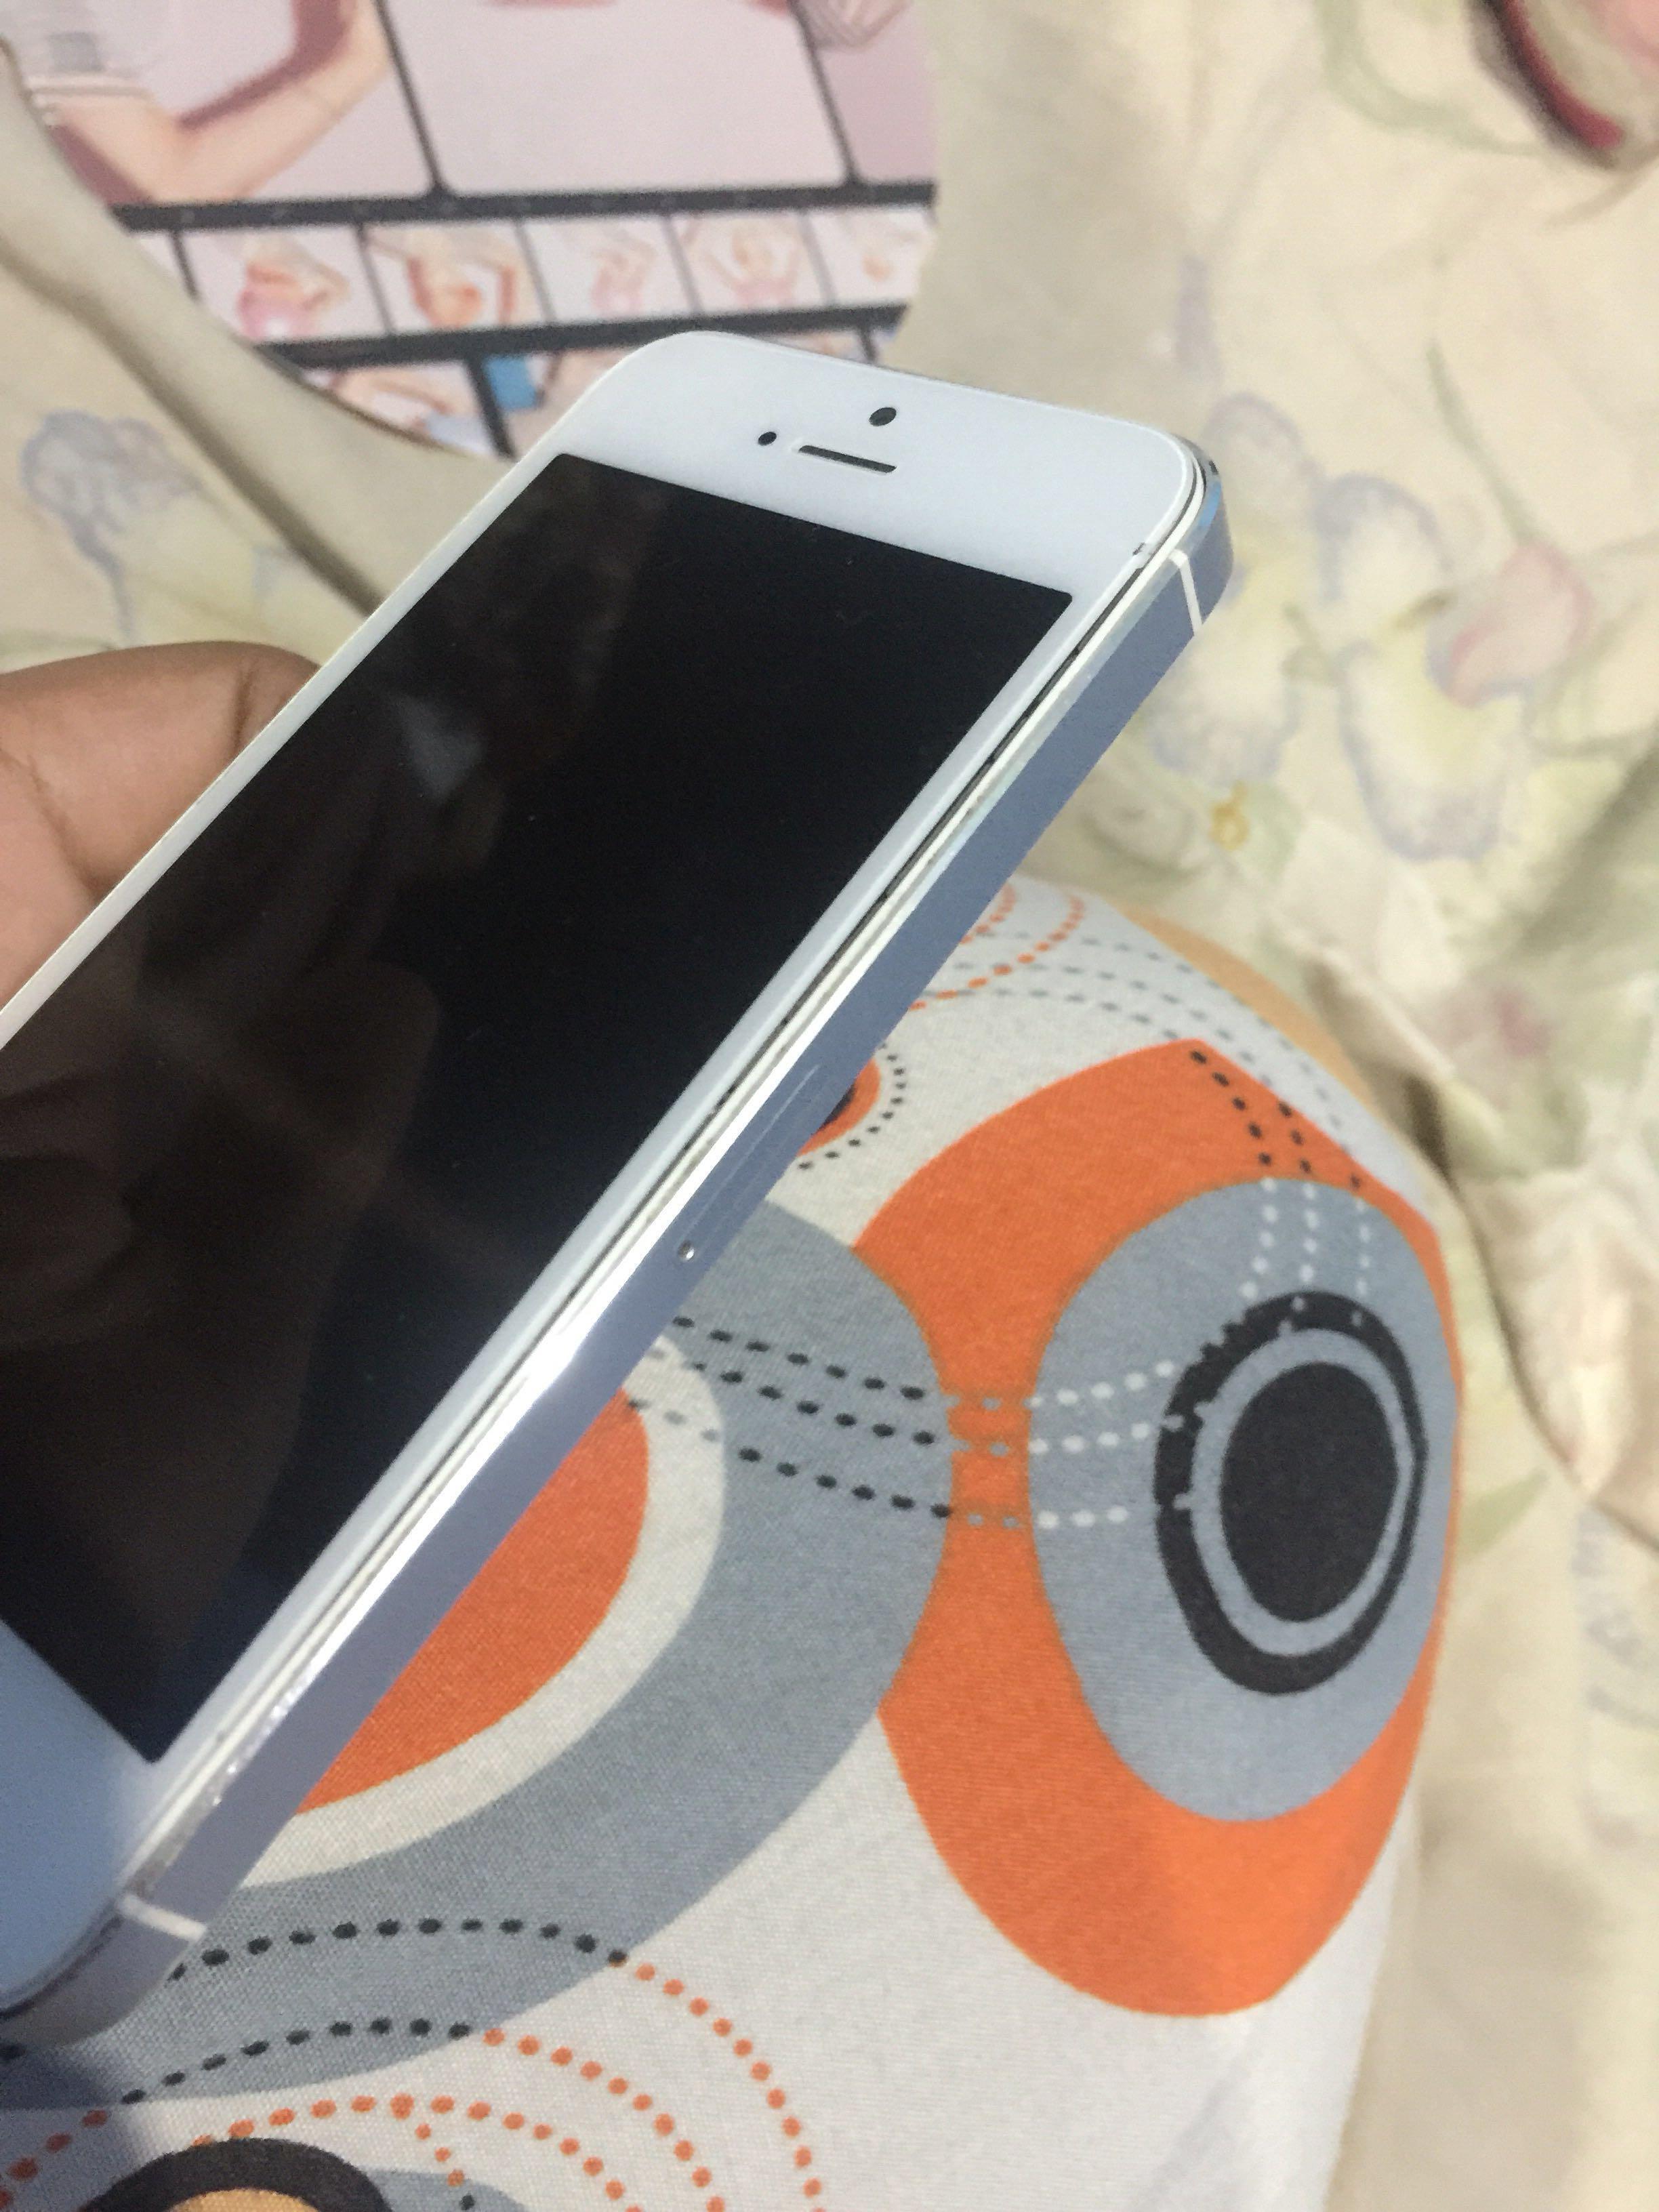 iPhone 5s 16 GB (BACA DESKRIPSI!!)